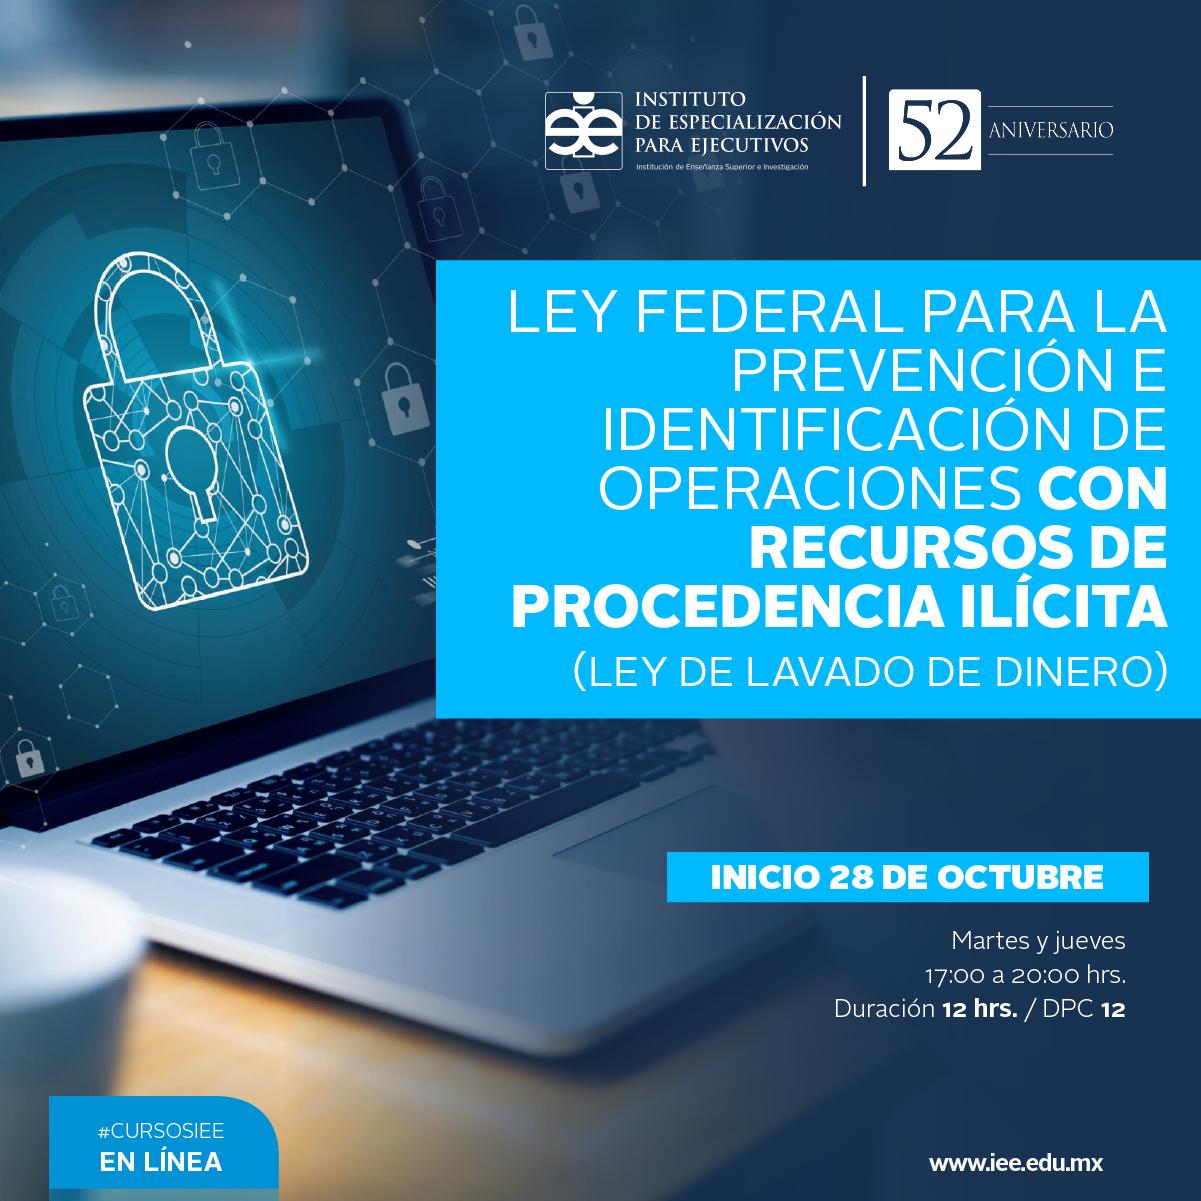 Curso en Línea en Ley Federal para la Prevención e Identificación de Operaciones con Recursos de Procedencia Ilícita (Ley de Lavado de Dinero)